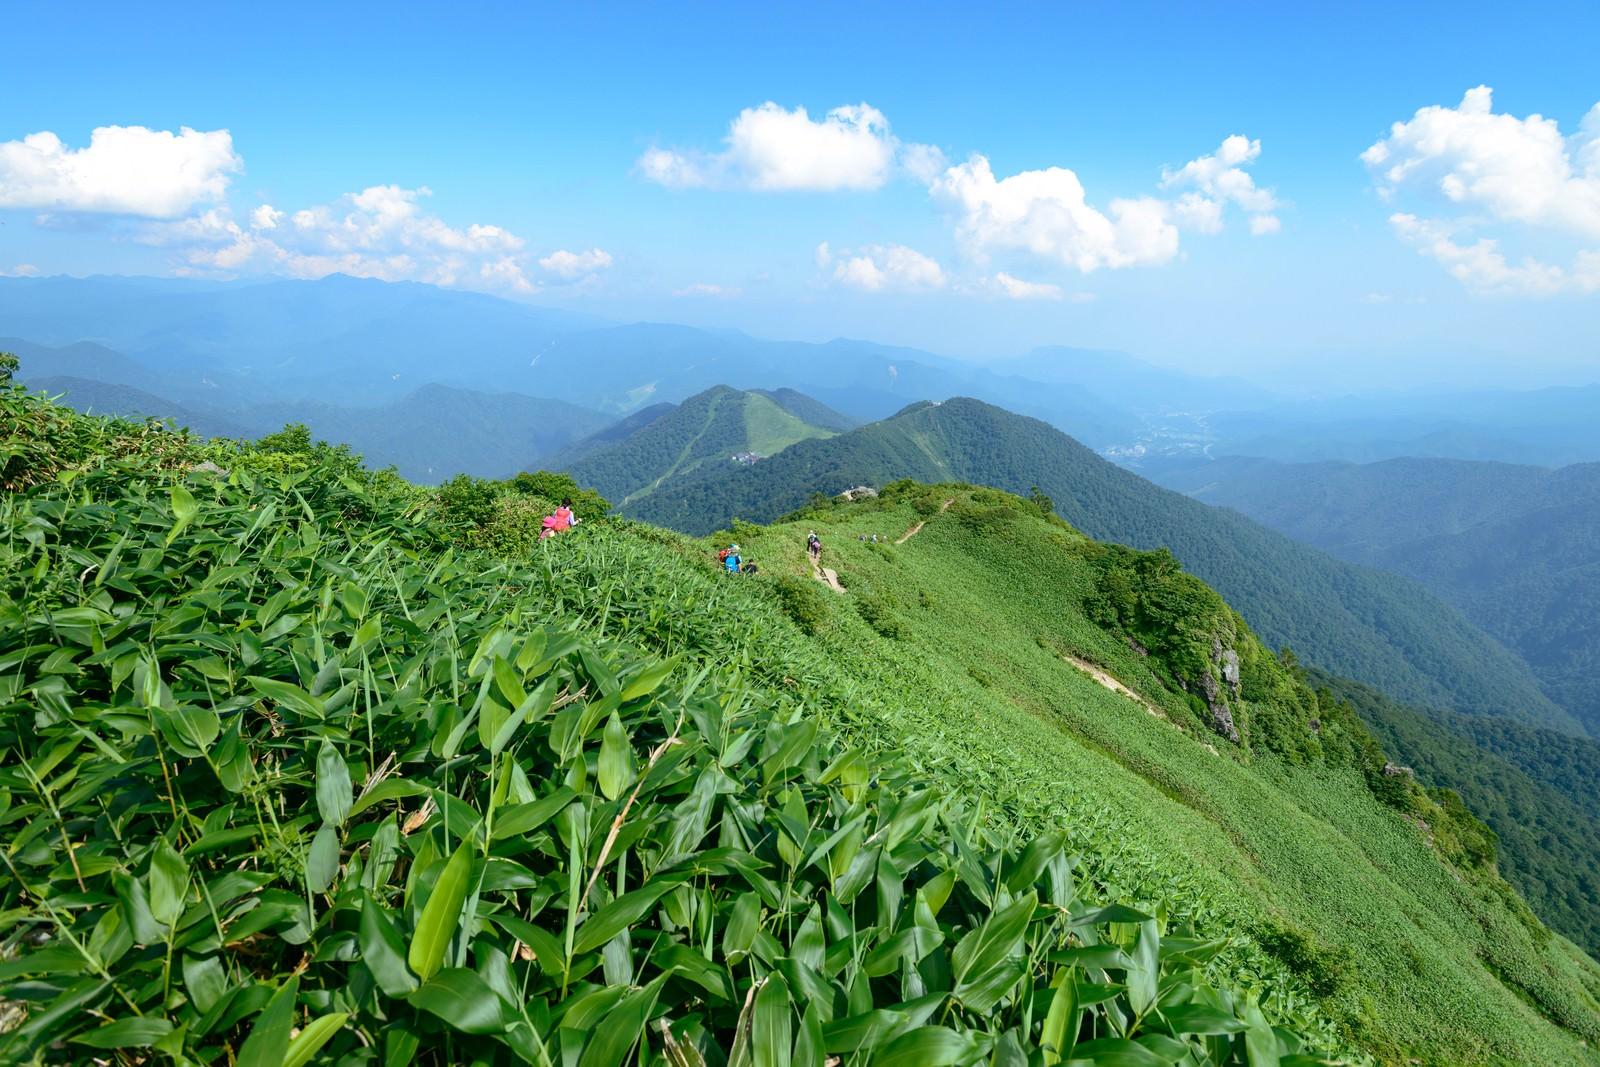 「霞がかる稜線と登山道」の写真